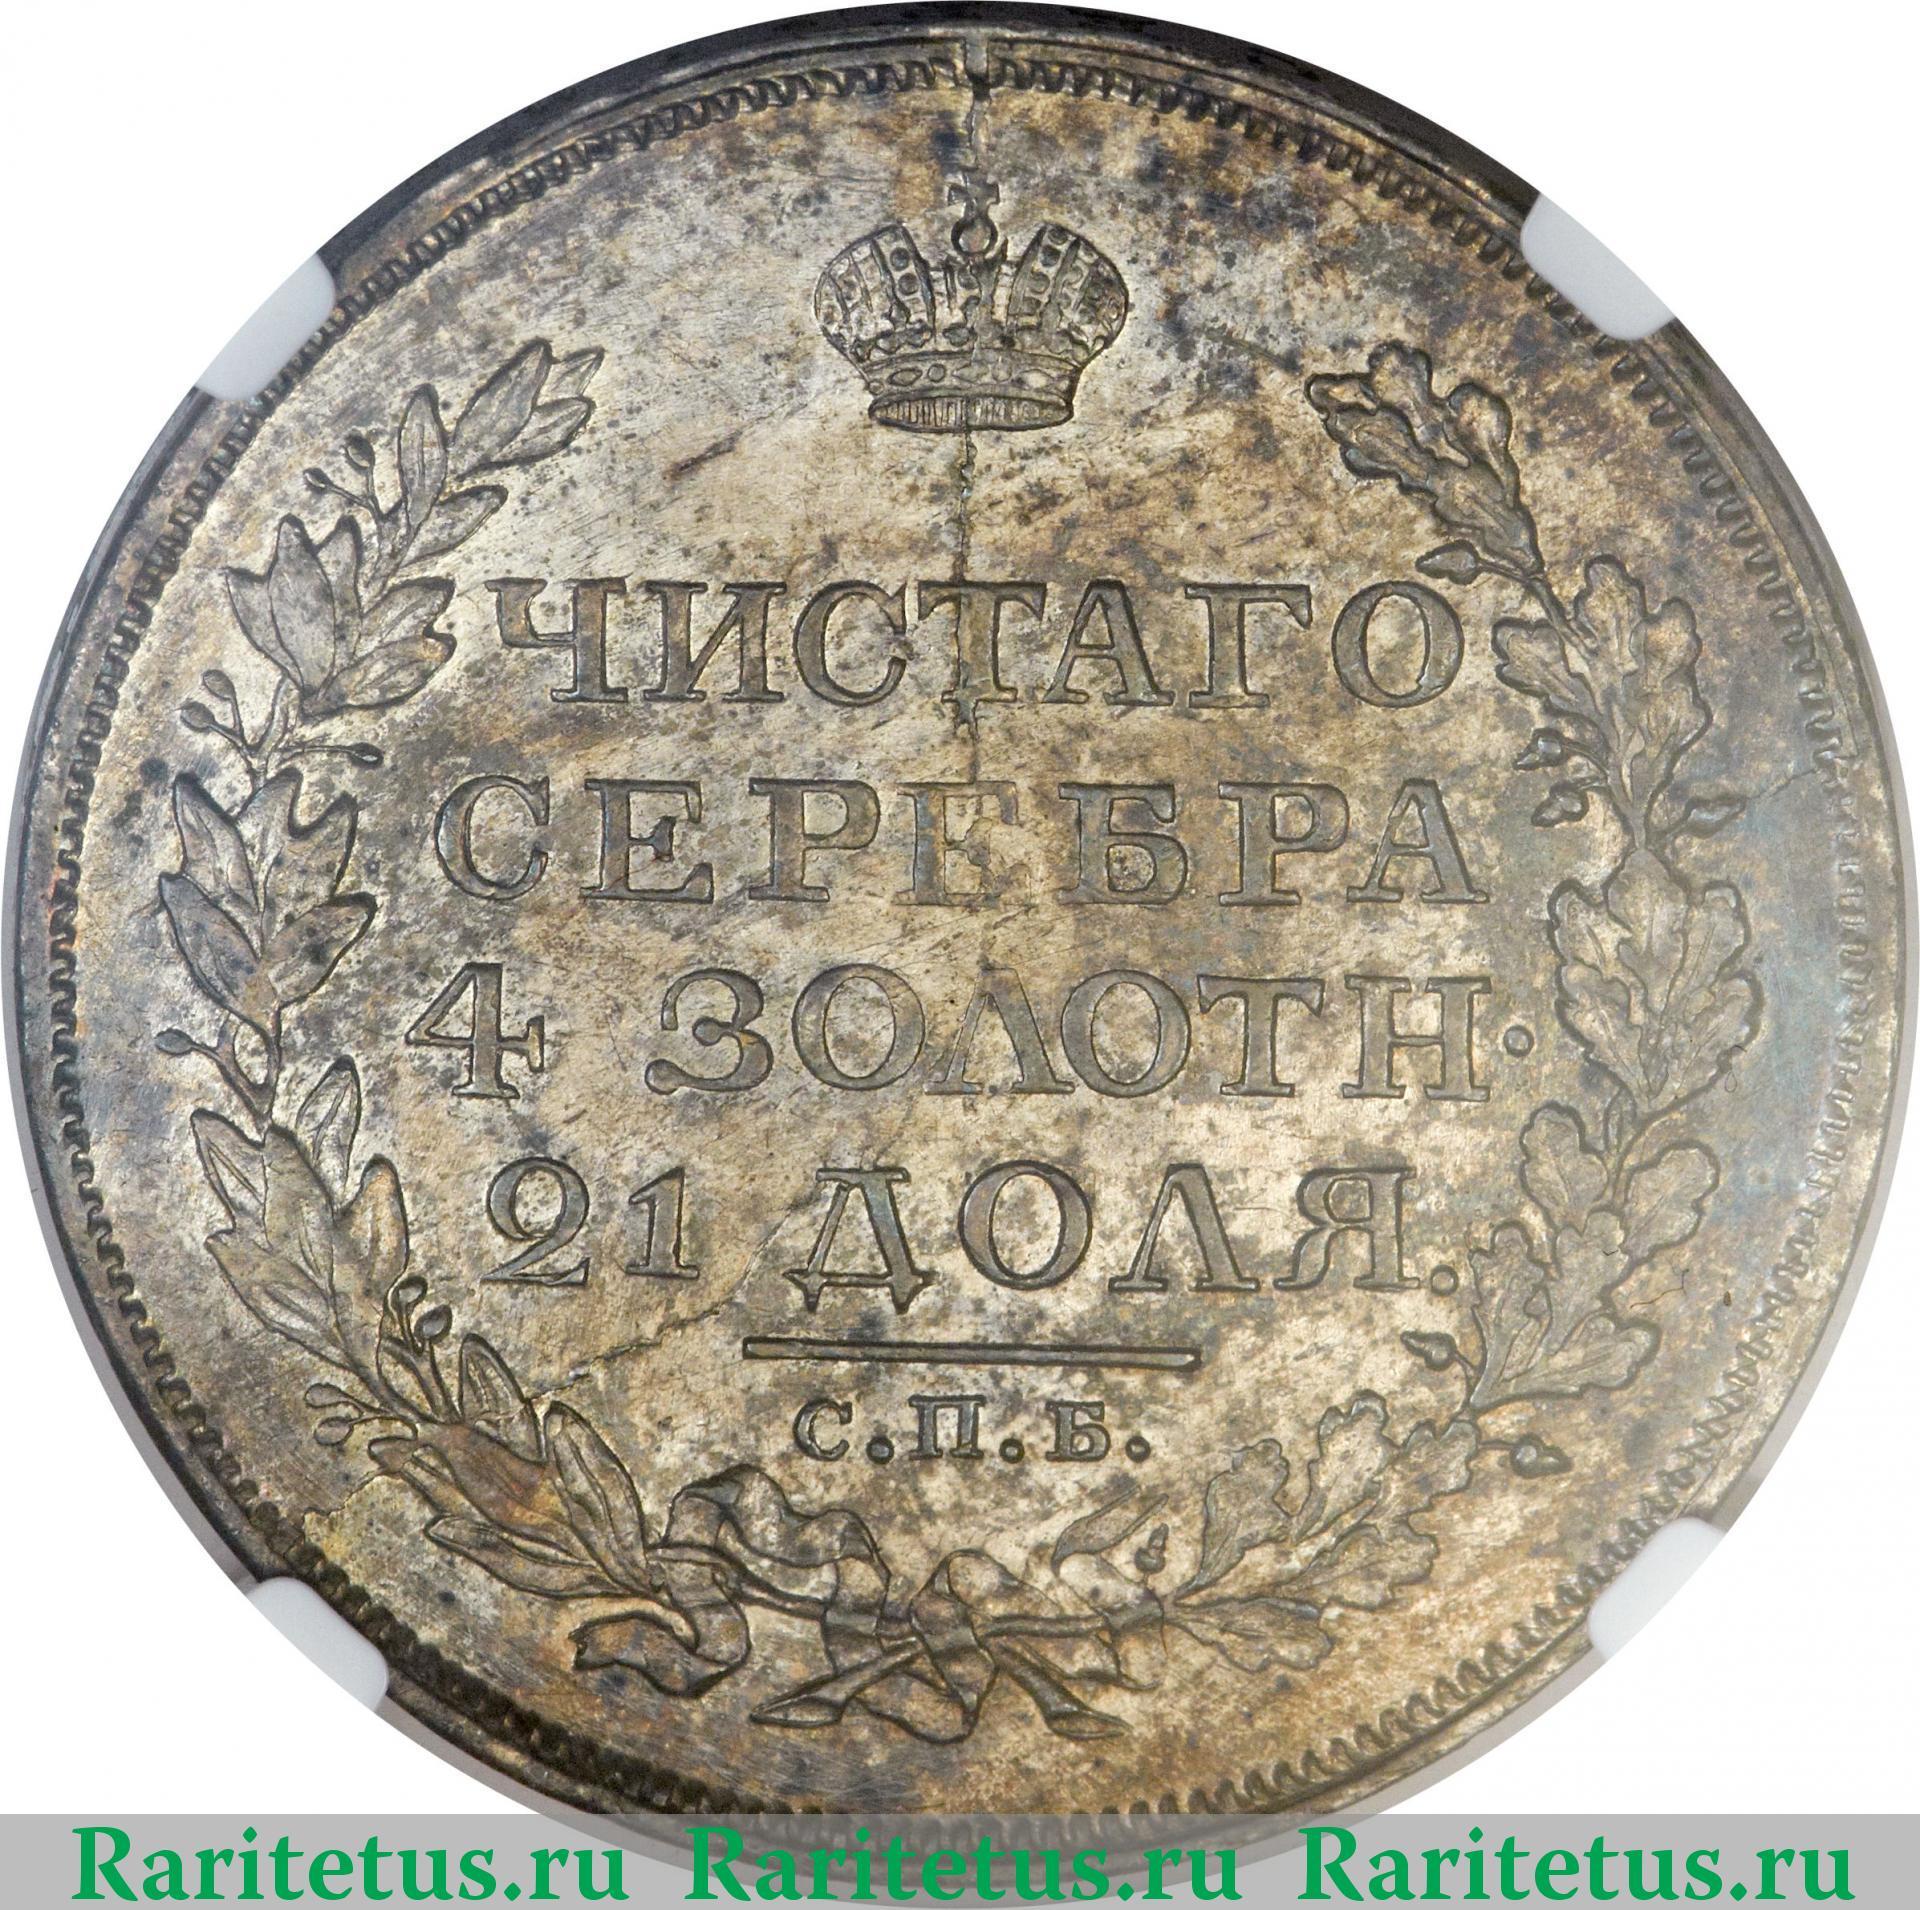 1 рубль 1818 года 5 копеек 1991 года стоимость 15000 руб